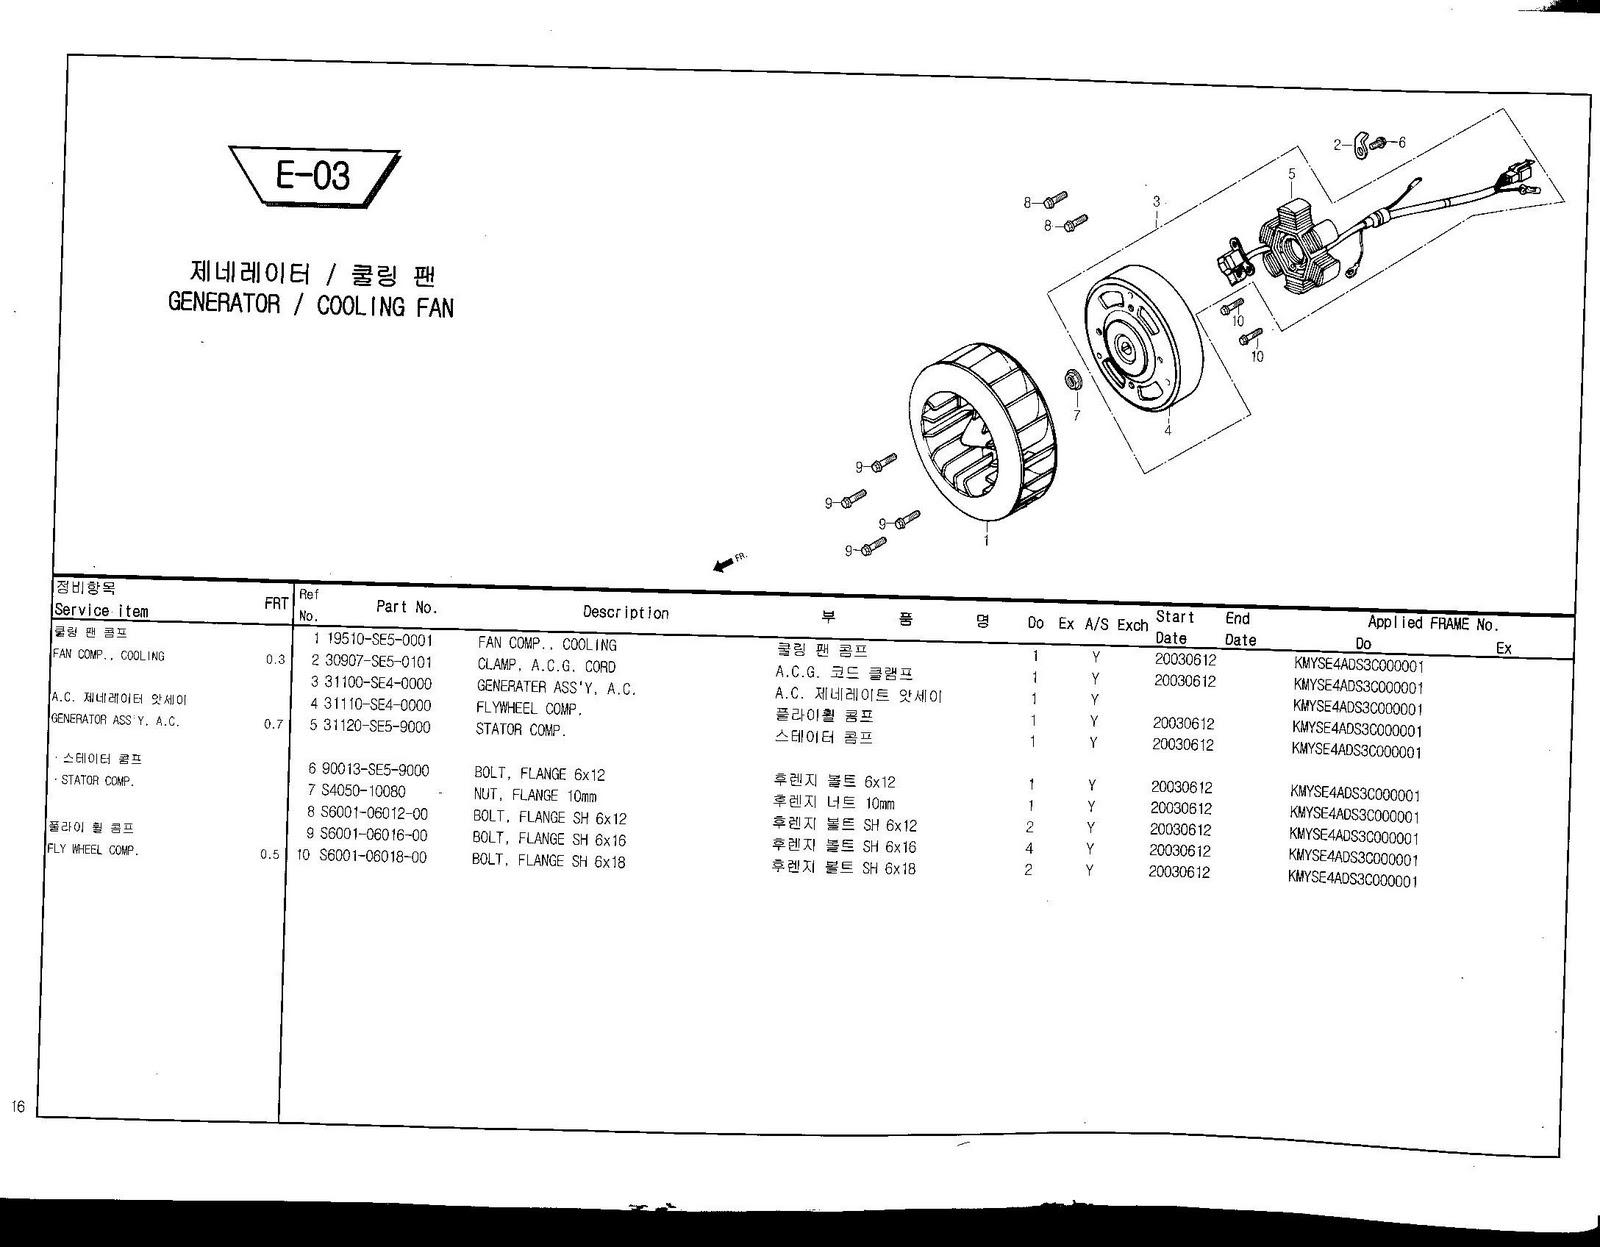 Eicma 2011 Daelim 50cc Parts Manuals For Mrp Motofino Wire Diagram 2010 Content